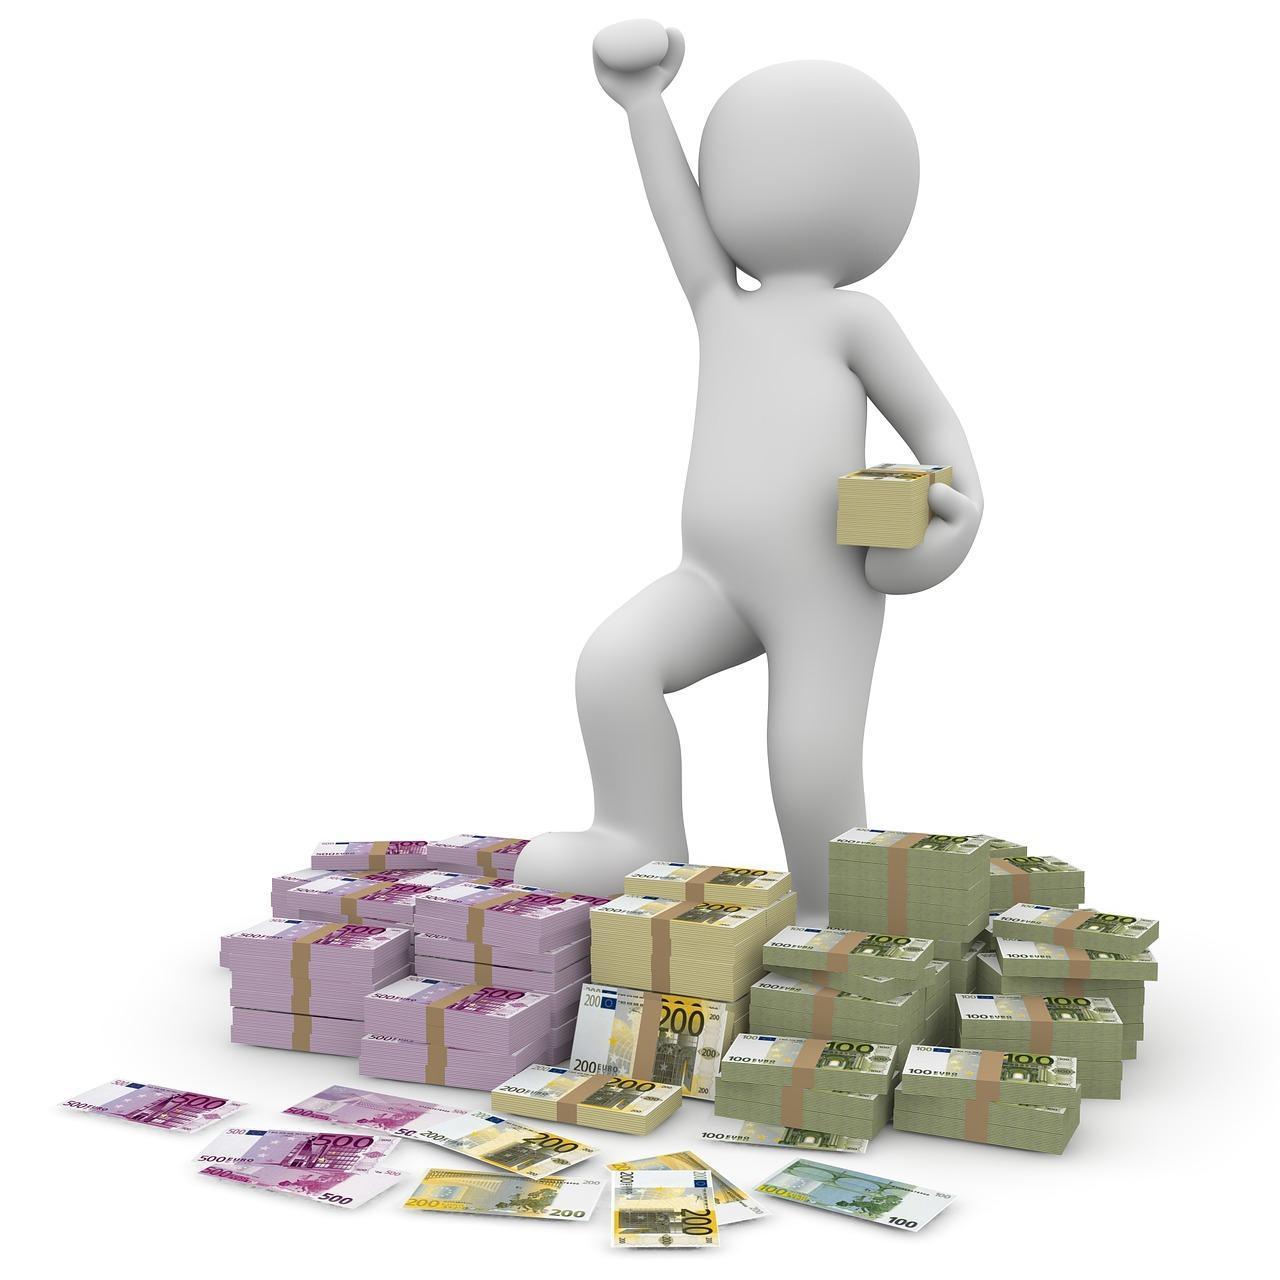 Jak ograniczyć do minimum formalności związane z uzyskaniem środków na rozkręcenie biznesu?